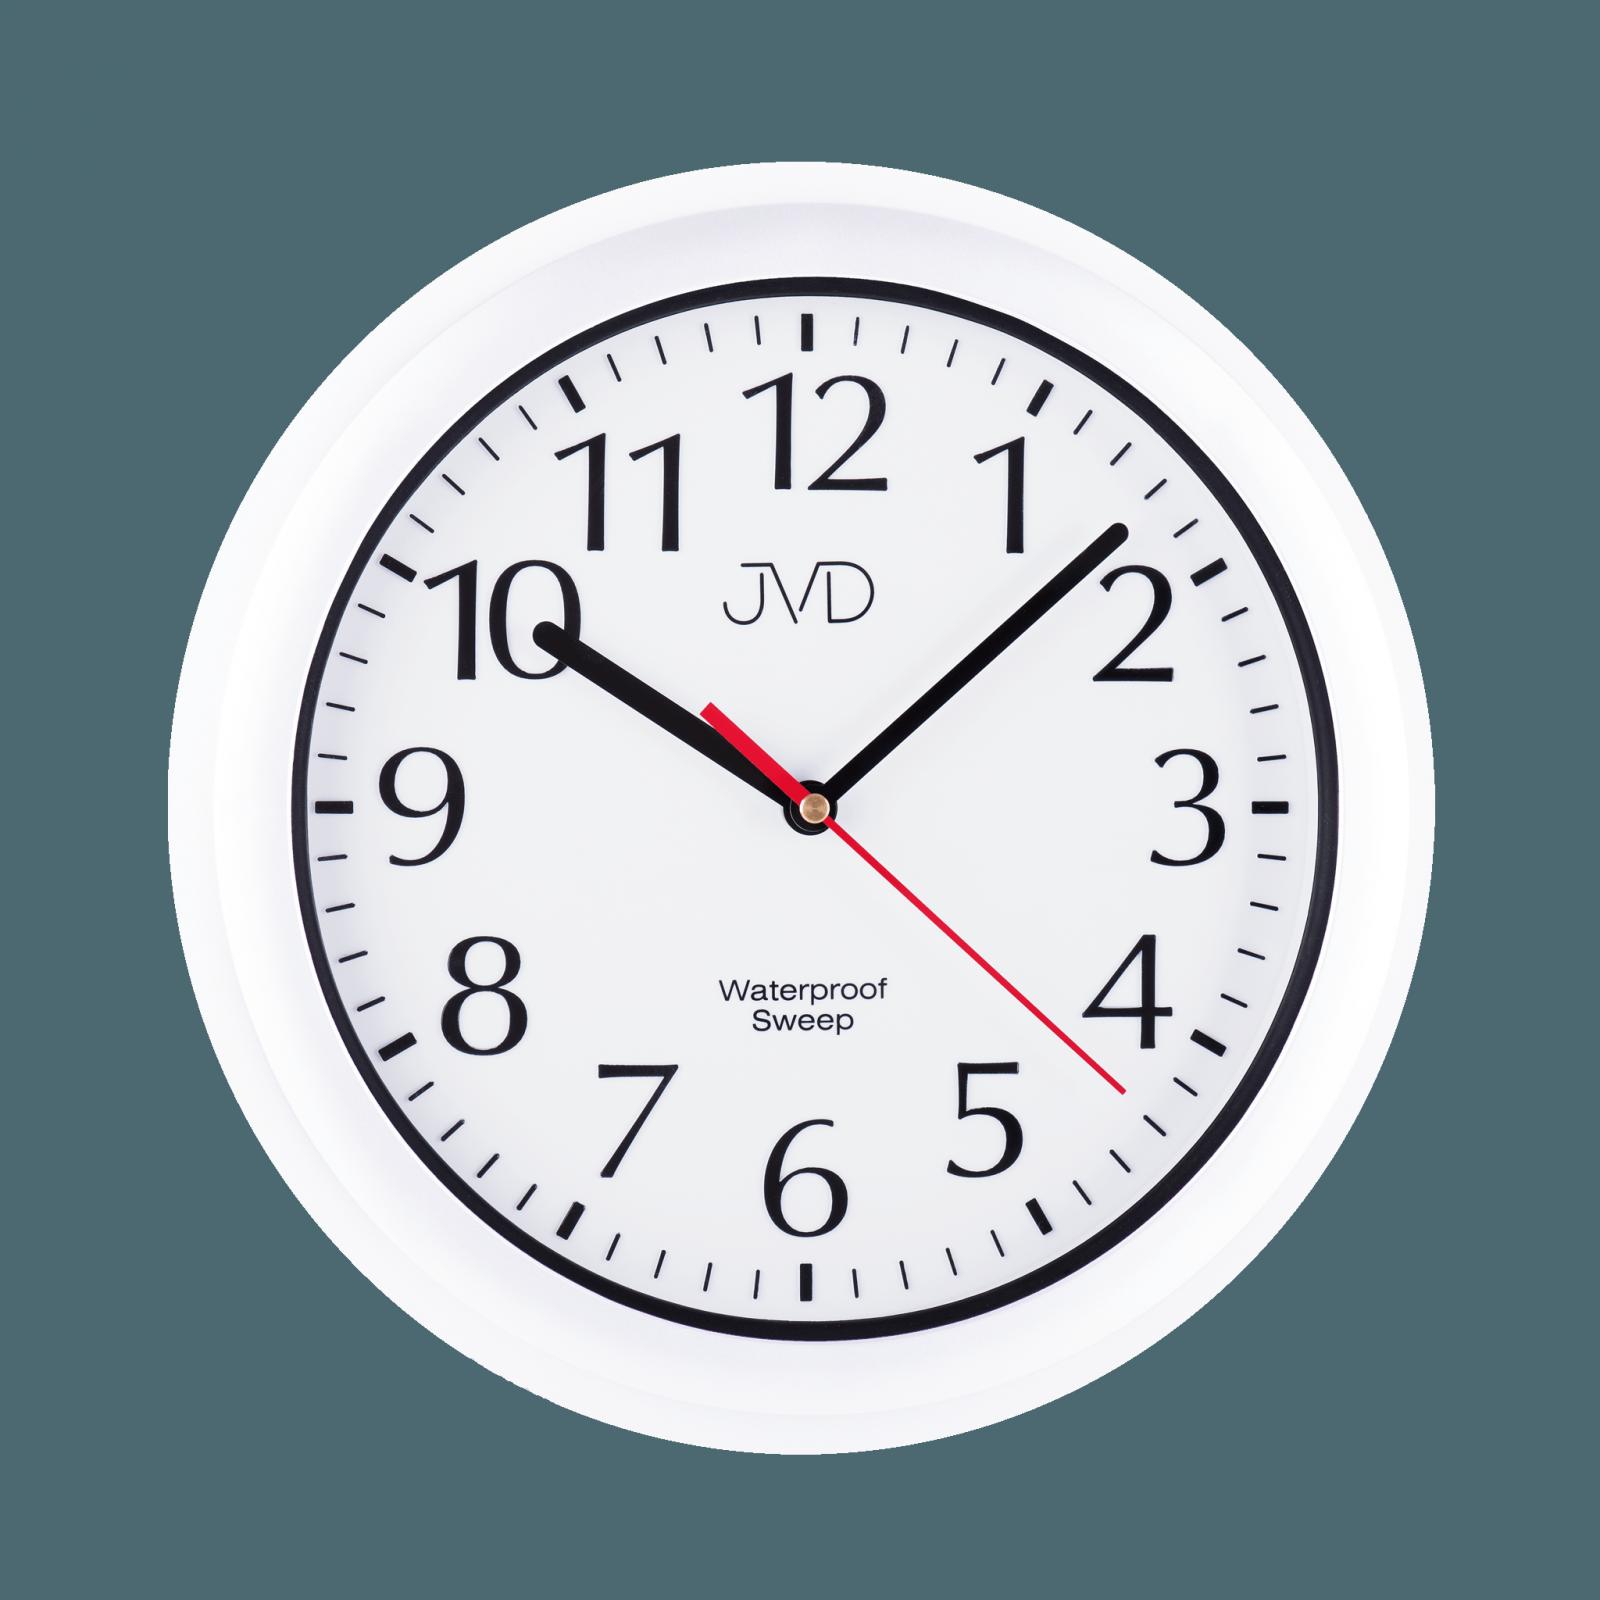 JVD Nástěnné vodotěsné plastové hodiny SH494 bílá barva do bazénové haly, kulaté hodiny do koupelny SH494.1 sh494.4 bílá